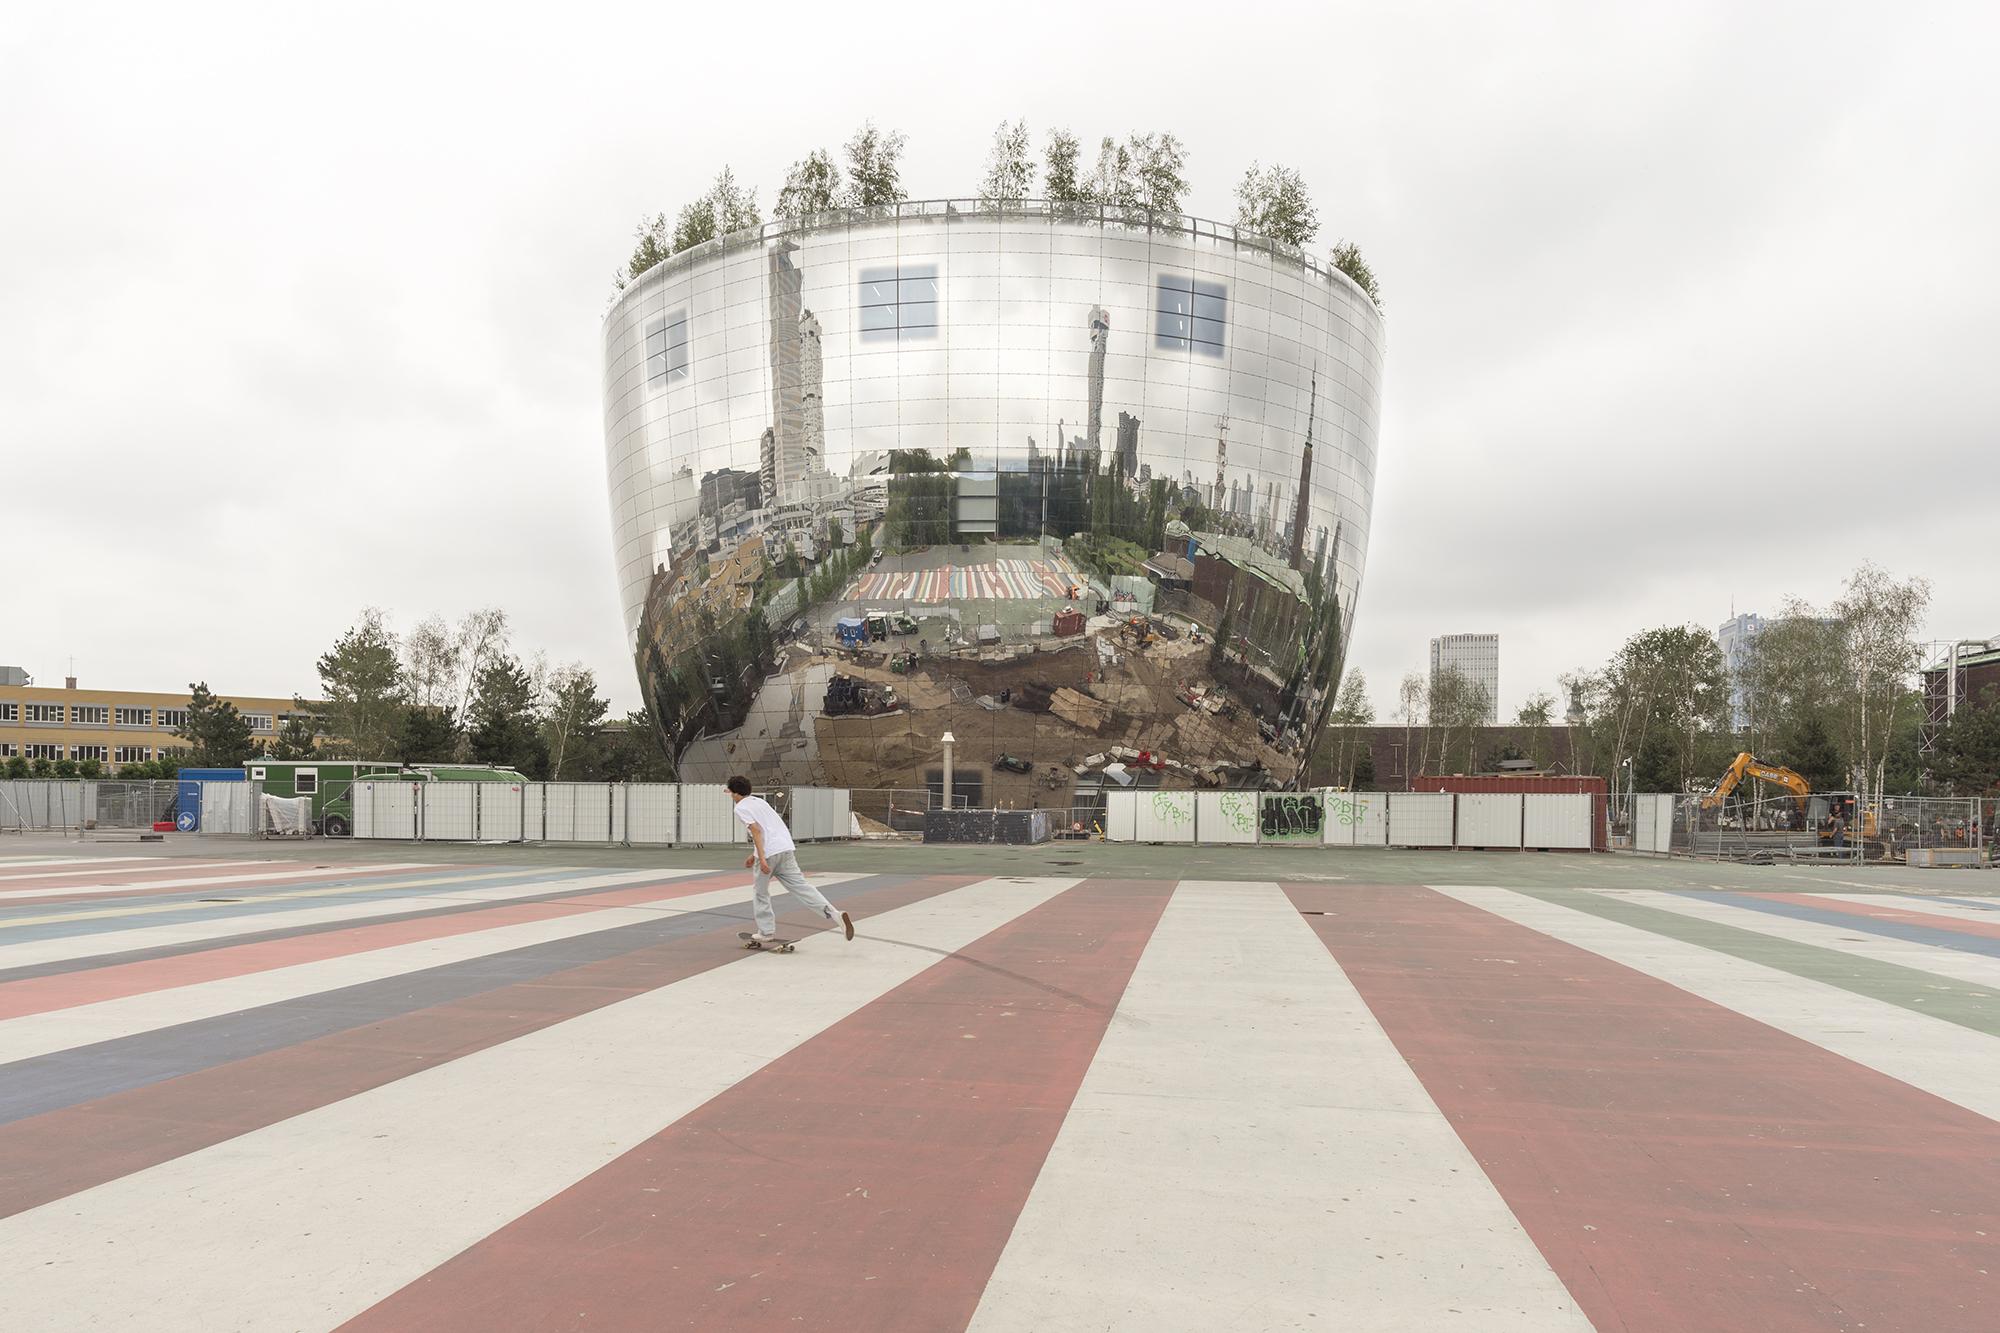 museumpark_lvd_1